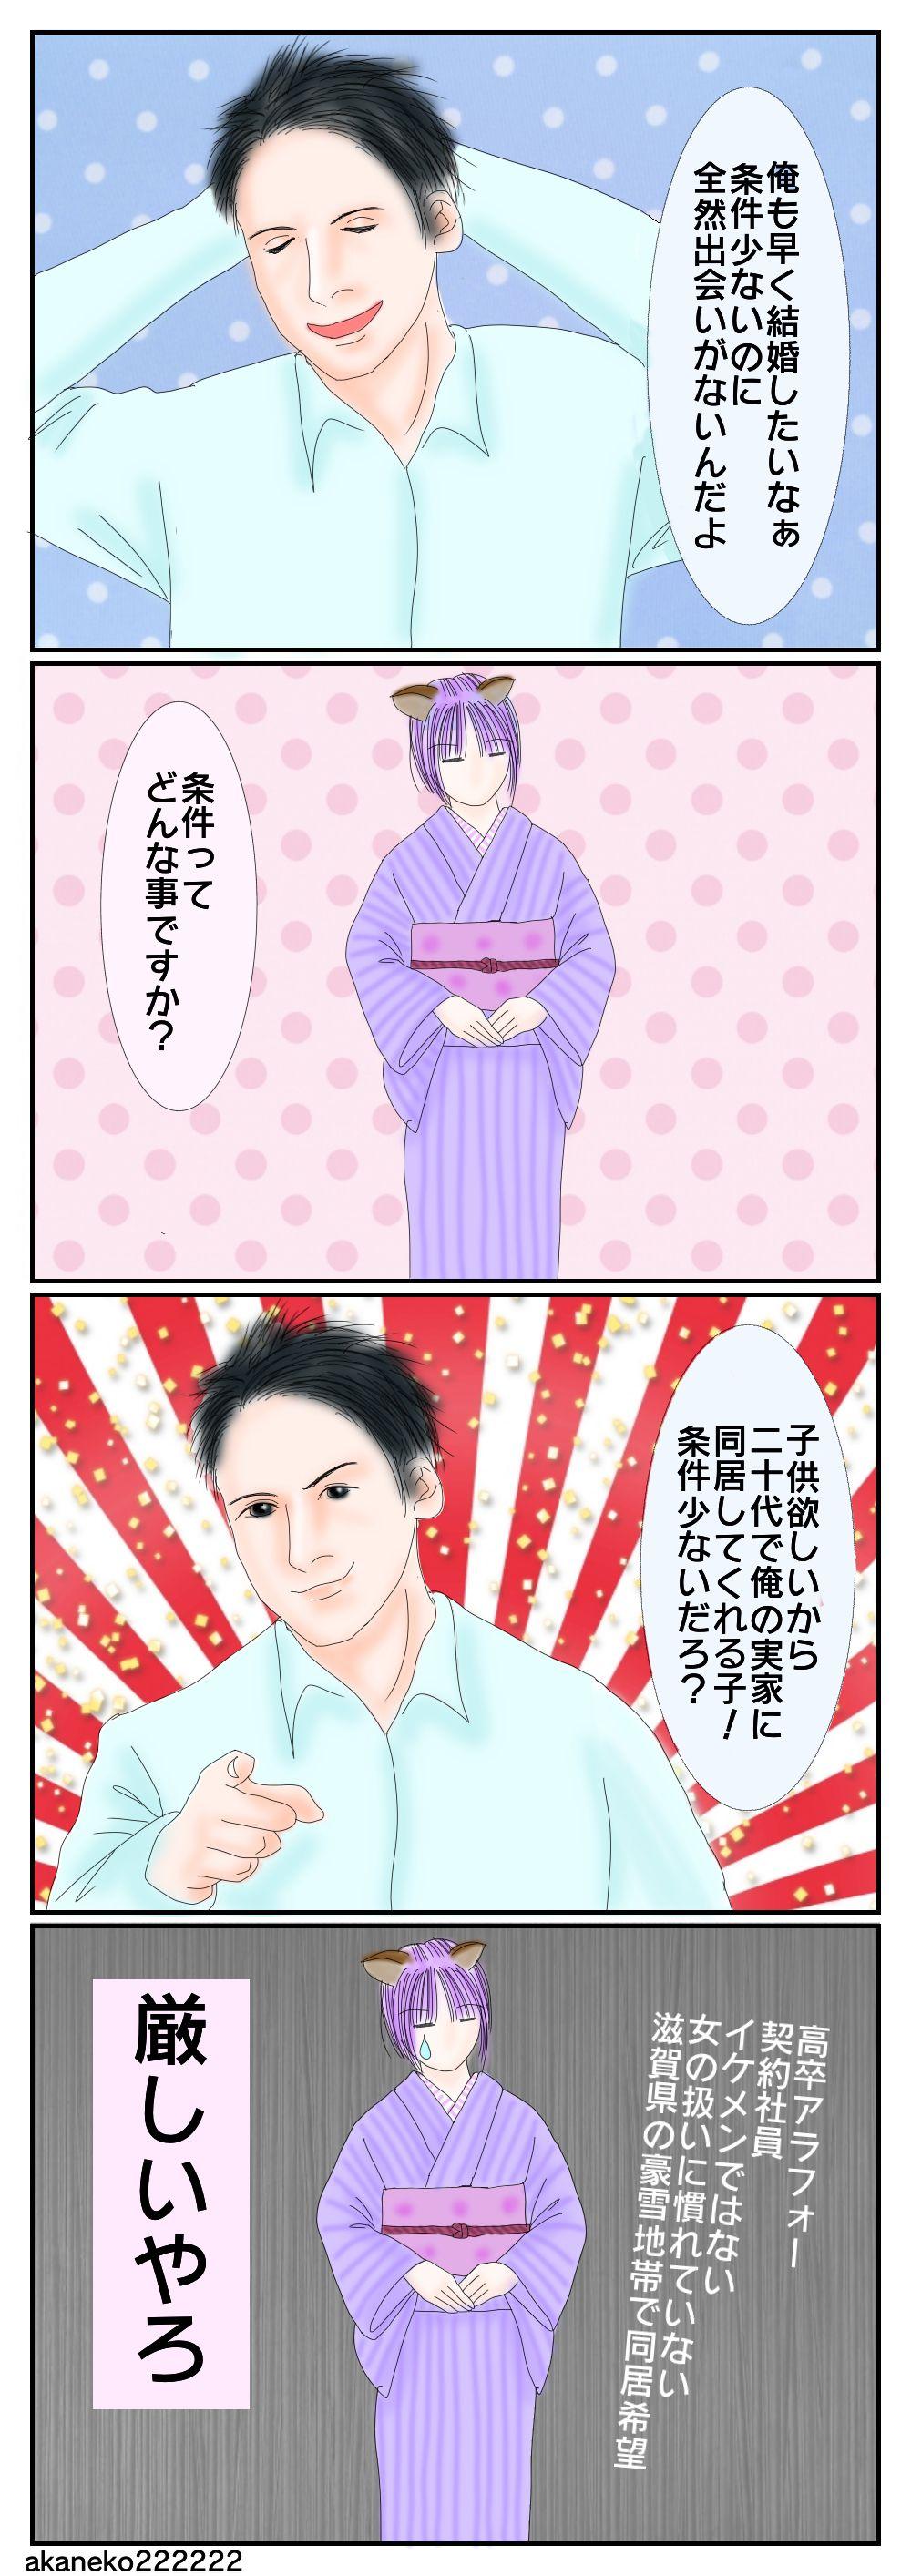 婚活中の男性の四コマ漫画